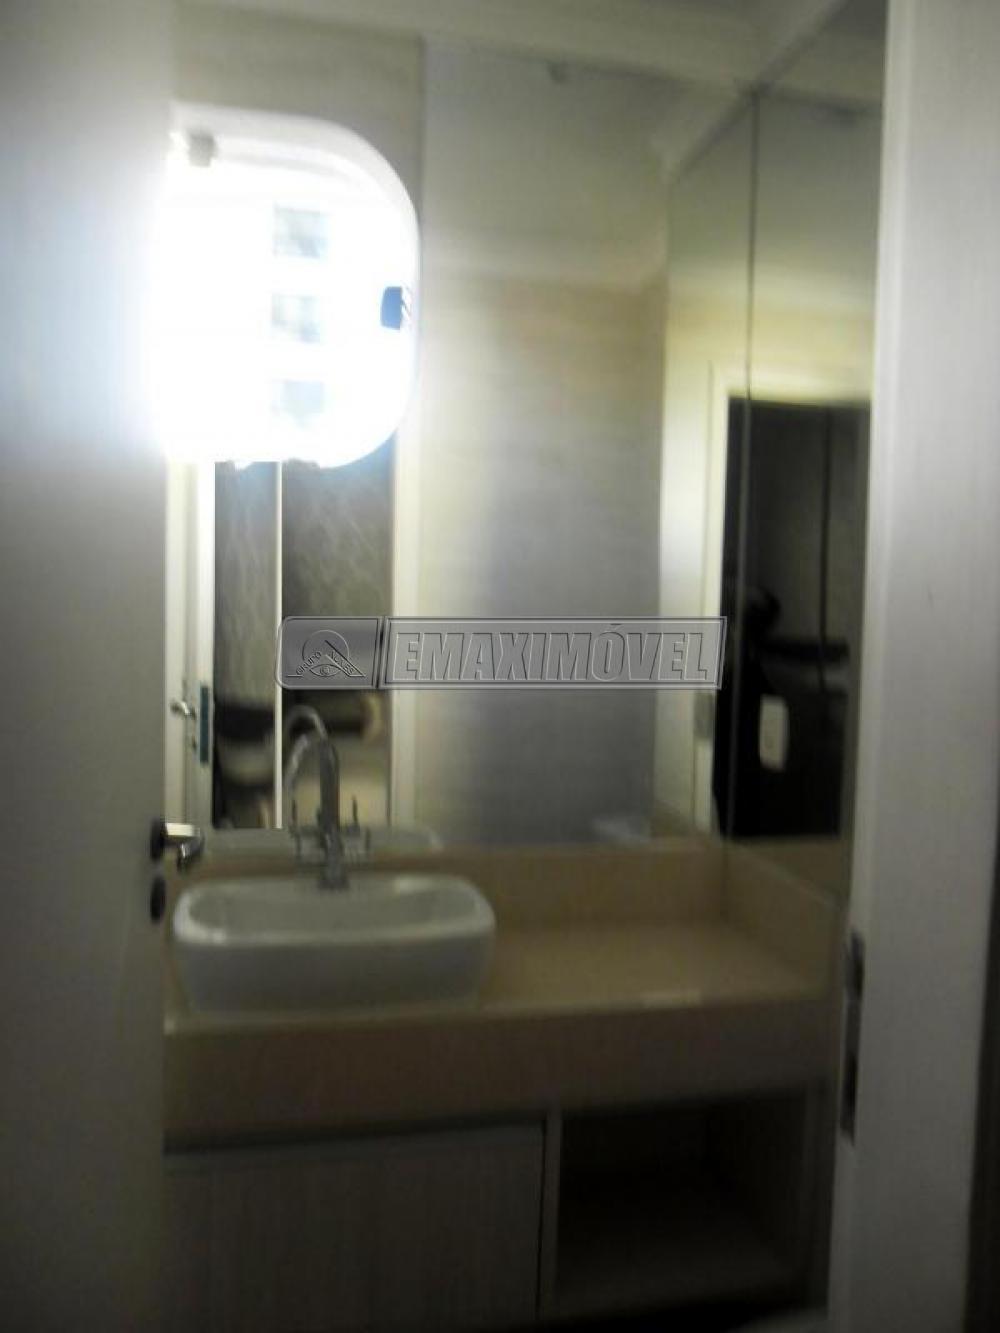 Comprar Apartamentos / Apto Padrão em Sorocaba apenas R$ 460.000,00 - Foto 16